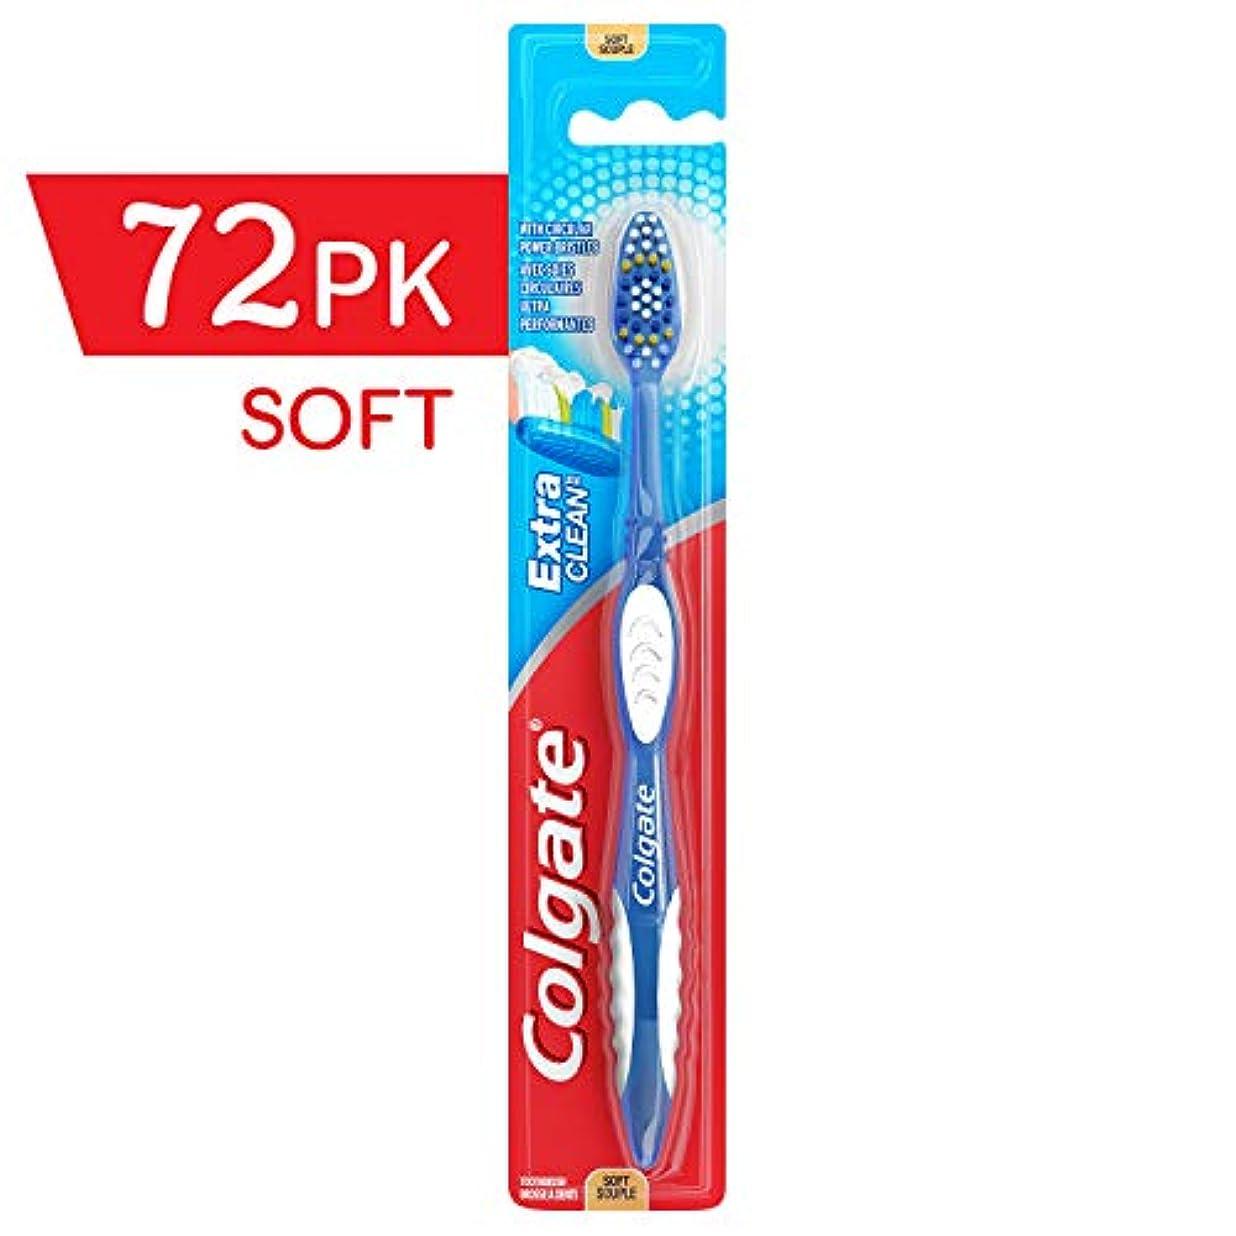 レンド家主サミットColgate エクストラクリーン歯ブラシソフト、柔らかい歯ブラシ、バルク歯ブラシ、旅行歯ブラシ、(72の場合)(モデル番号:155676)